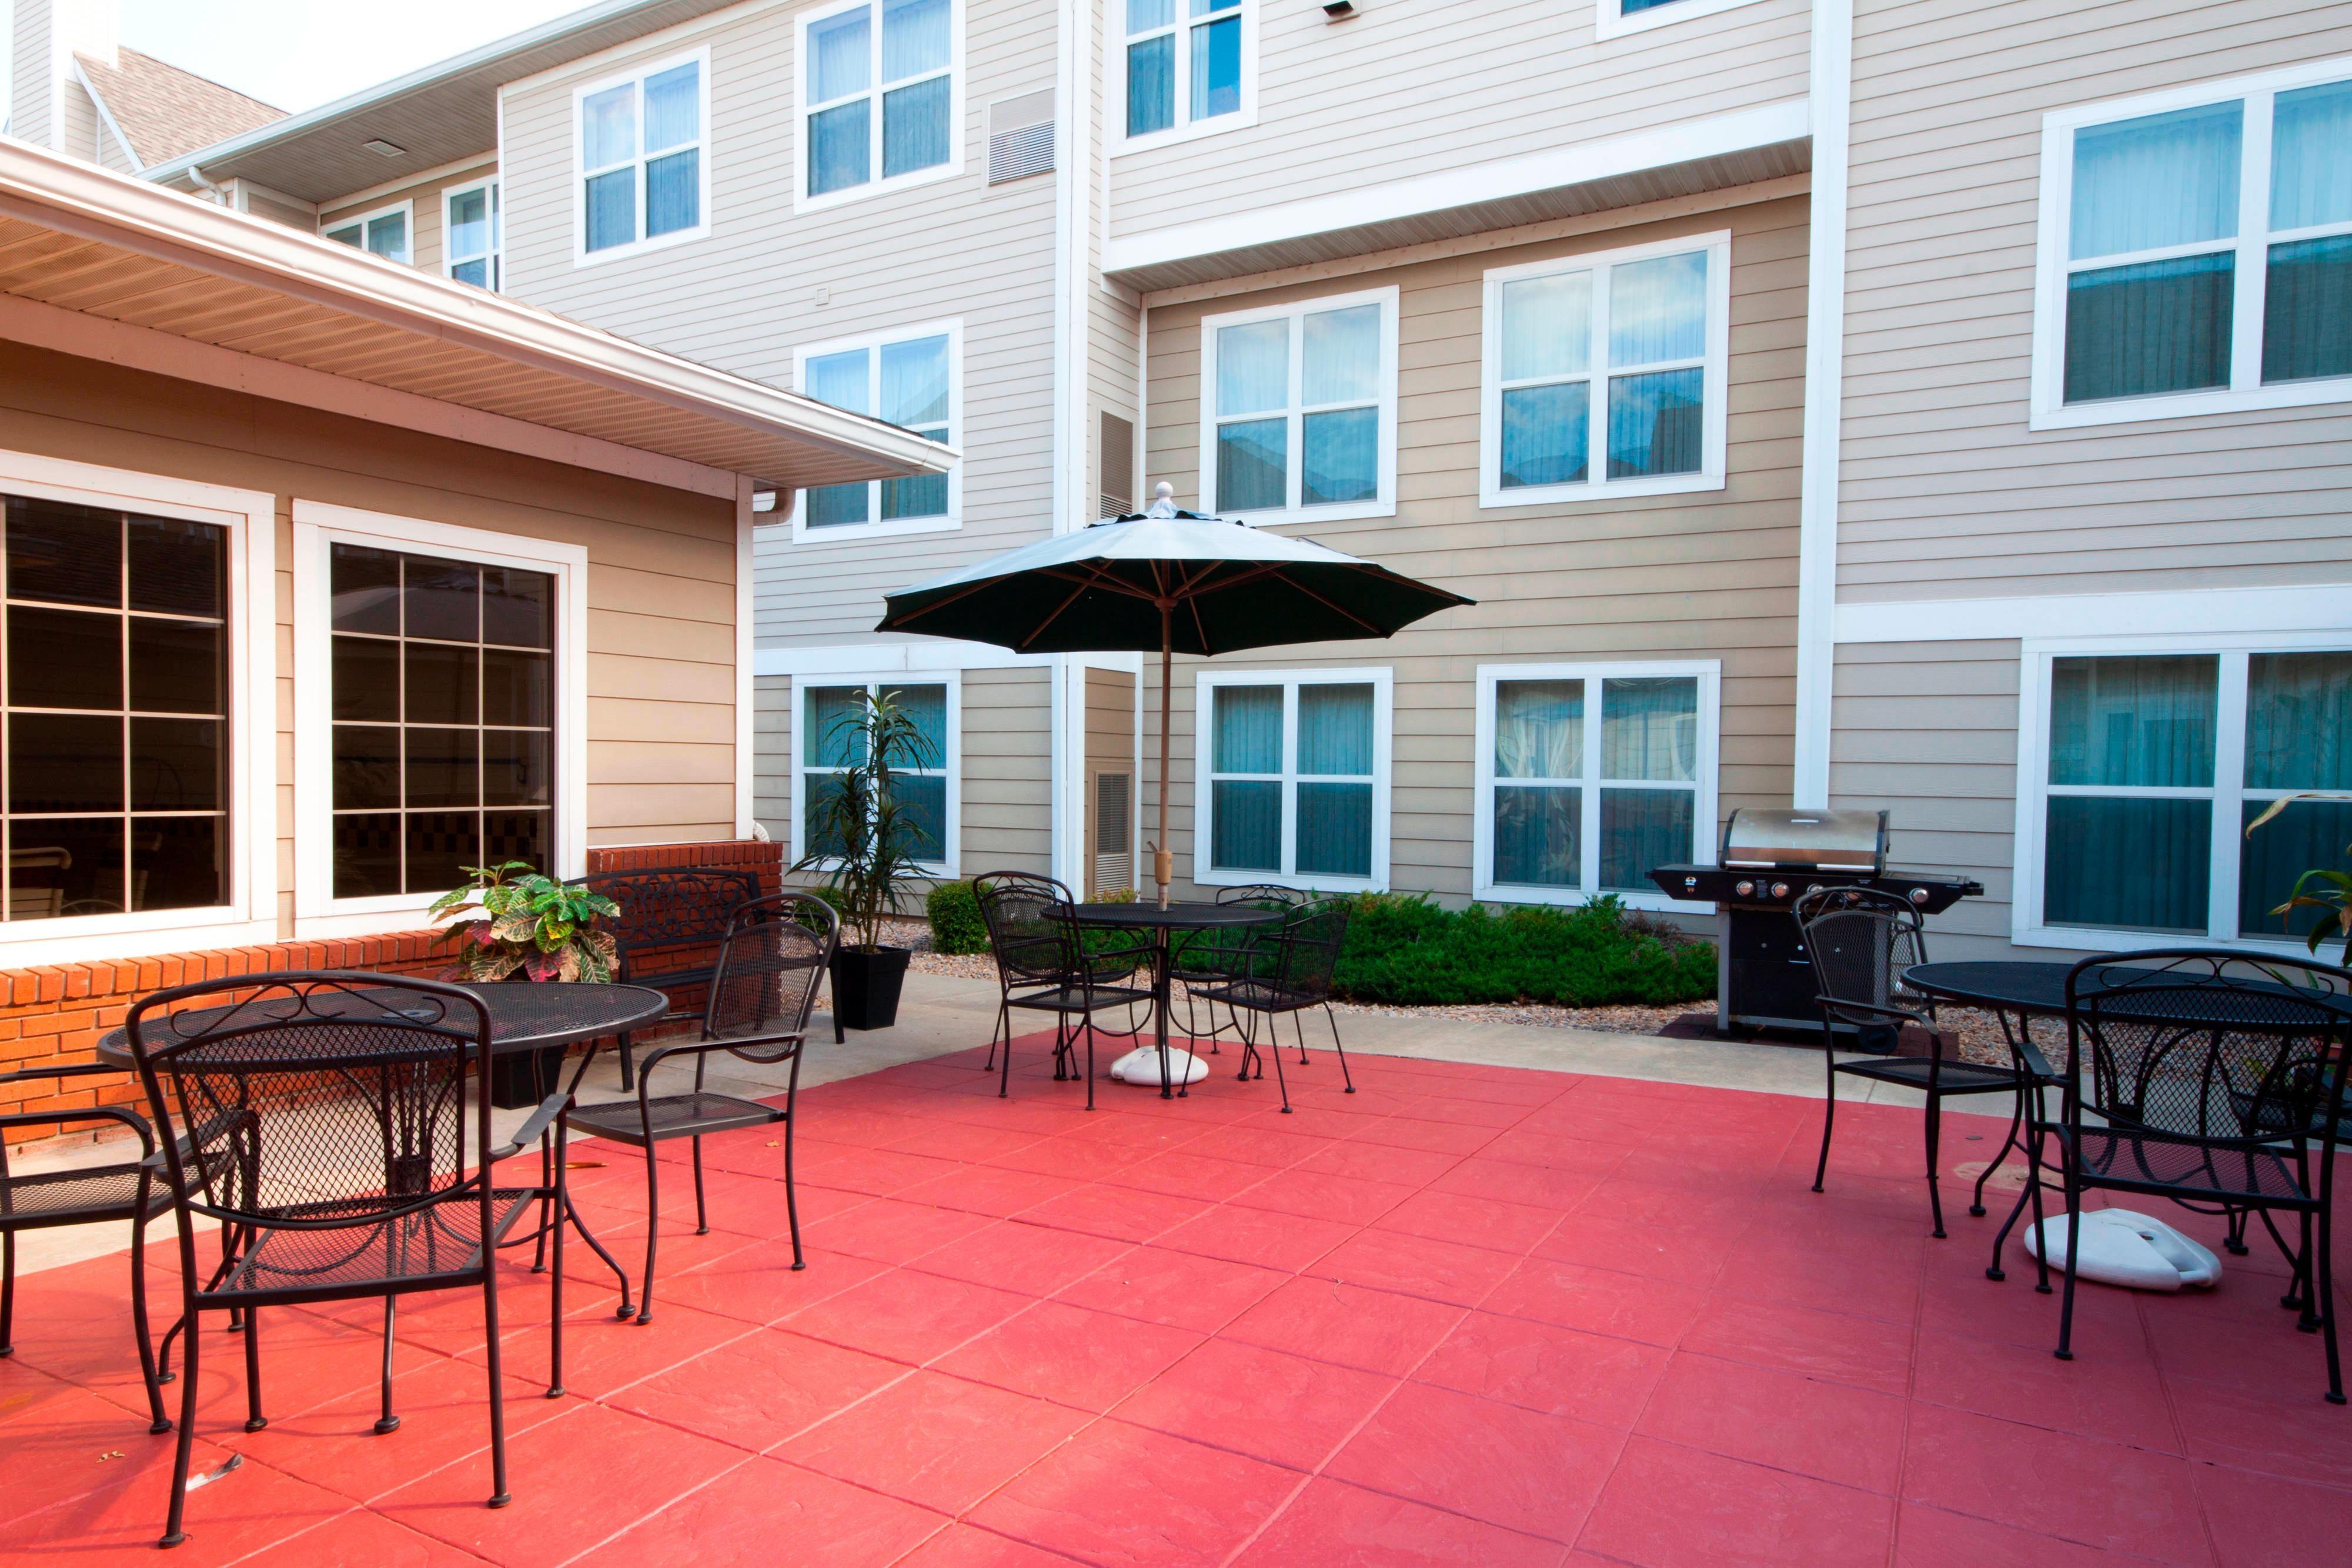 Oklahoma City Residence Inn Courtyard